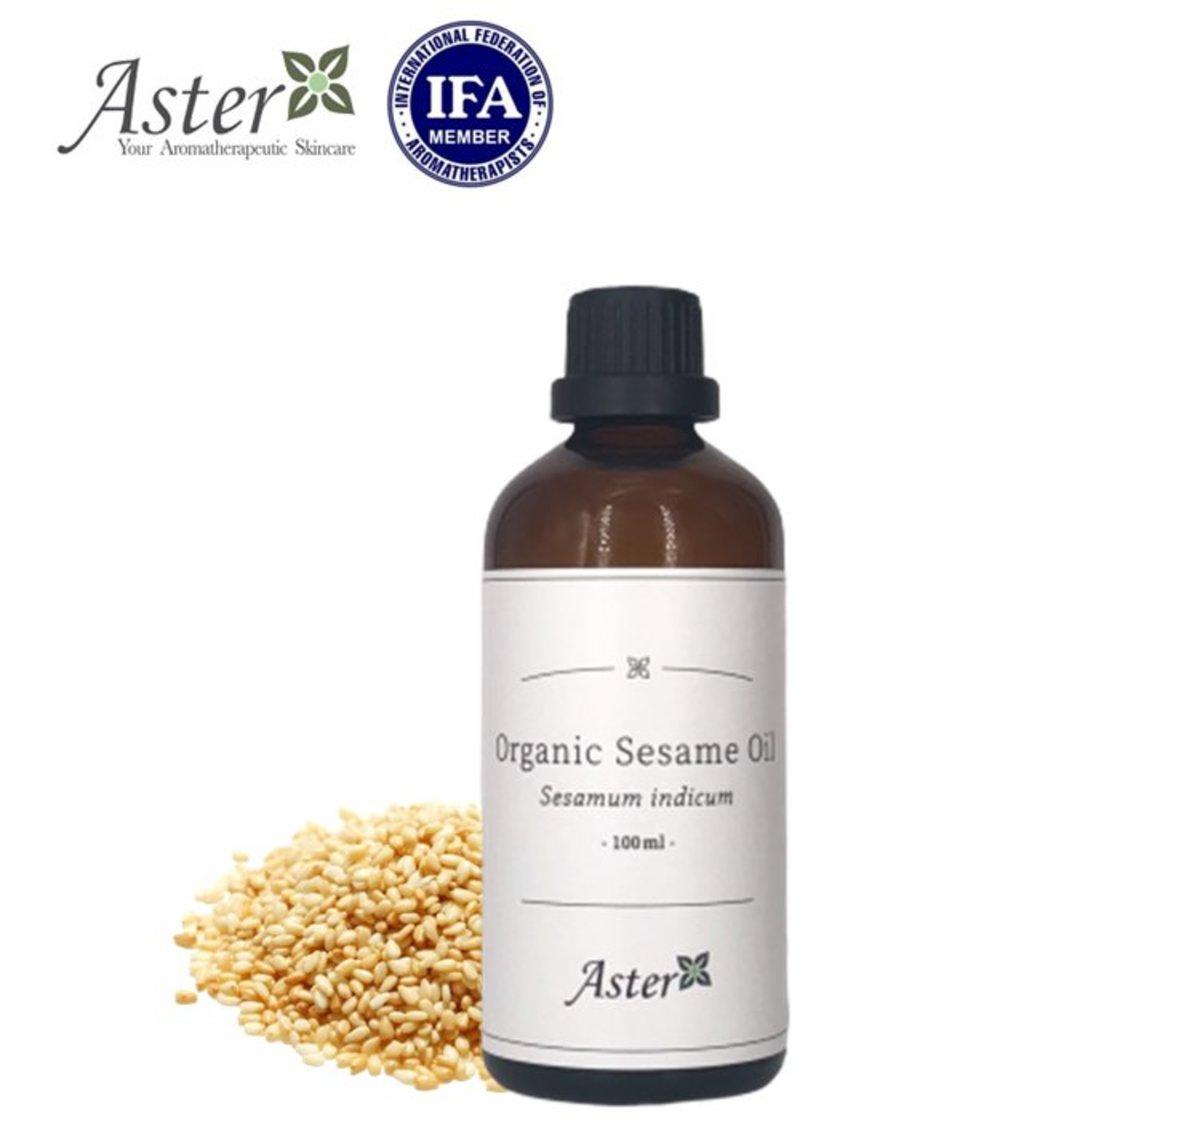 有機芝麻油 (Sesamum indicum) - 100ml